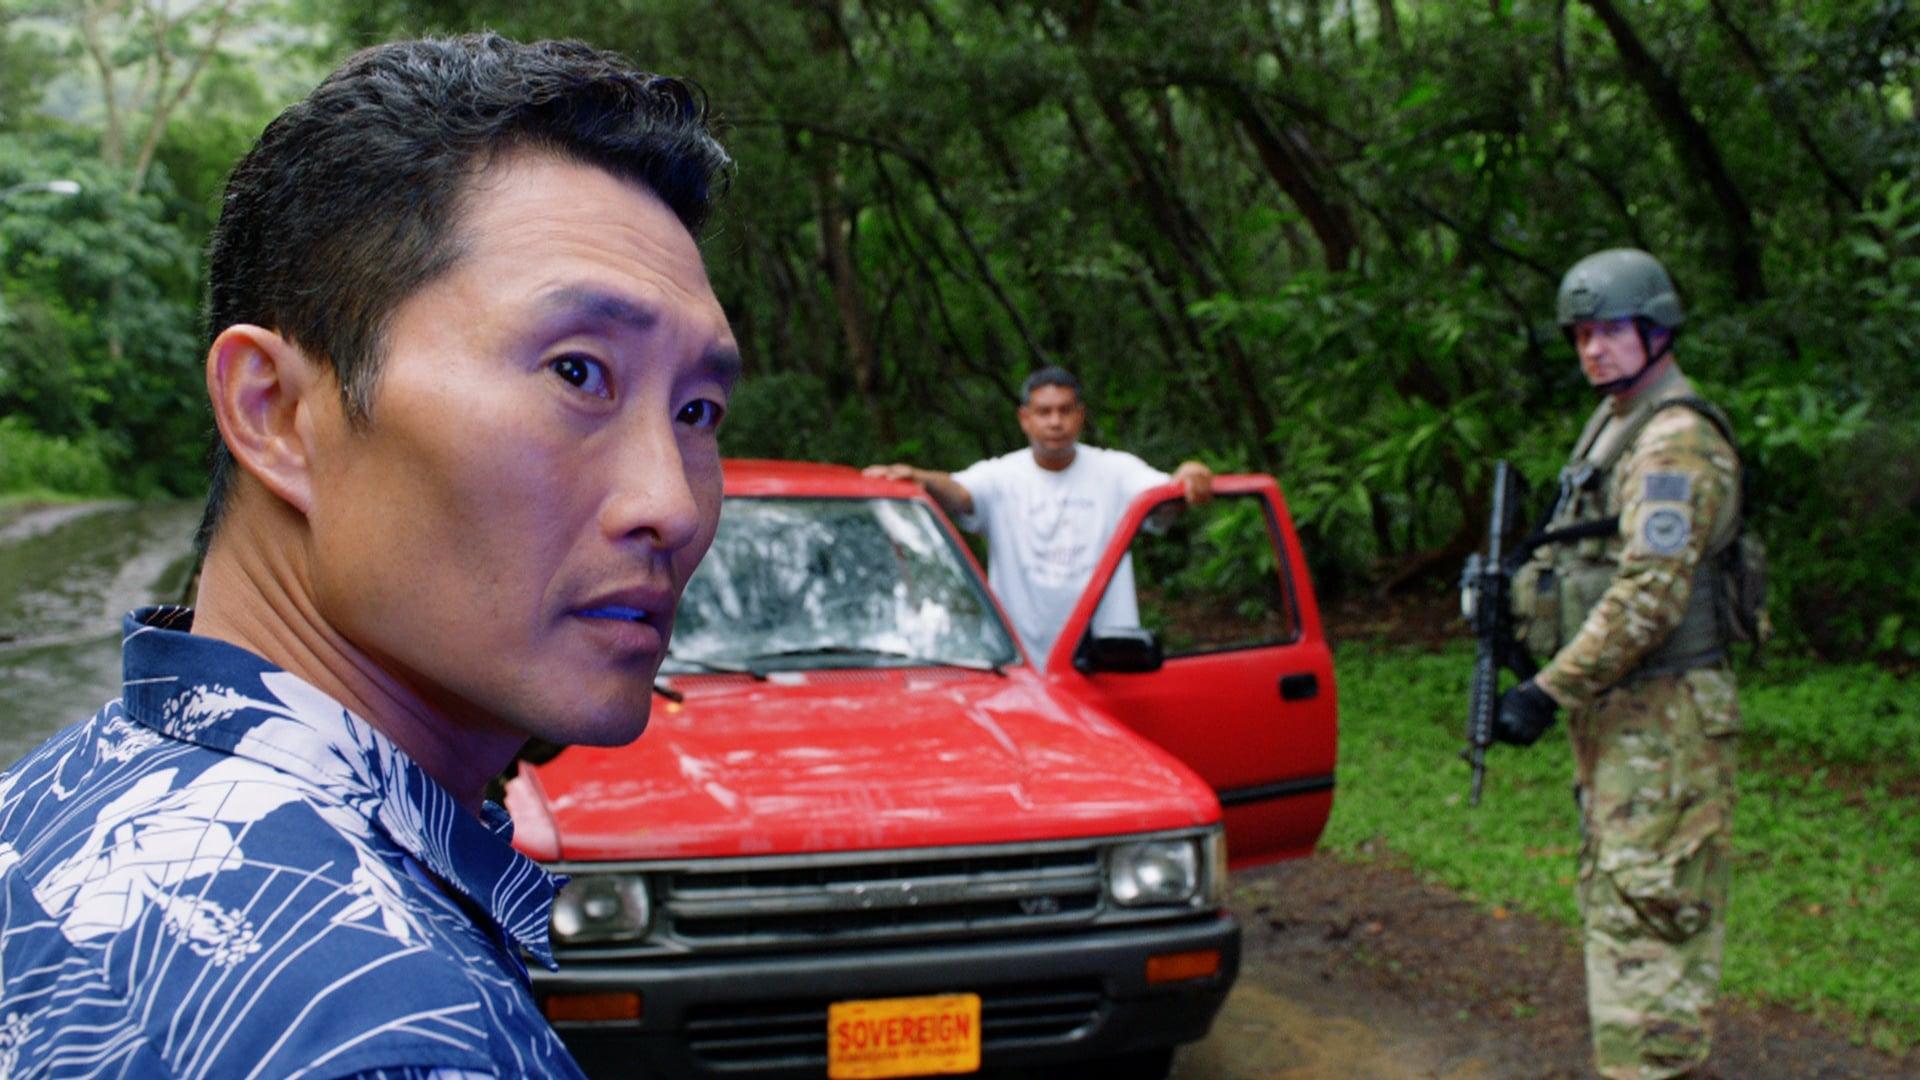 Hawaii Five-0 - Season 7 Episode 14 : Ka laina ma ke one (Line in the Sand)